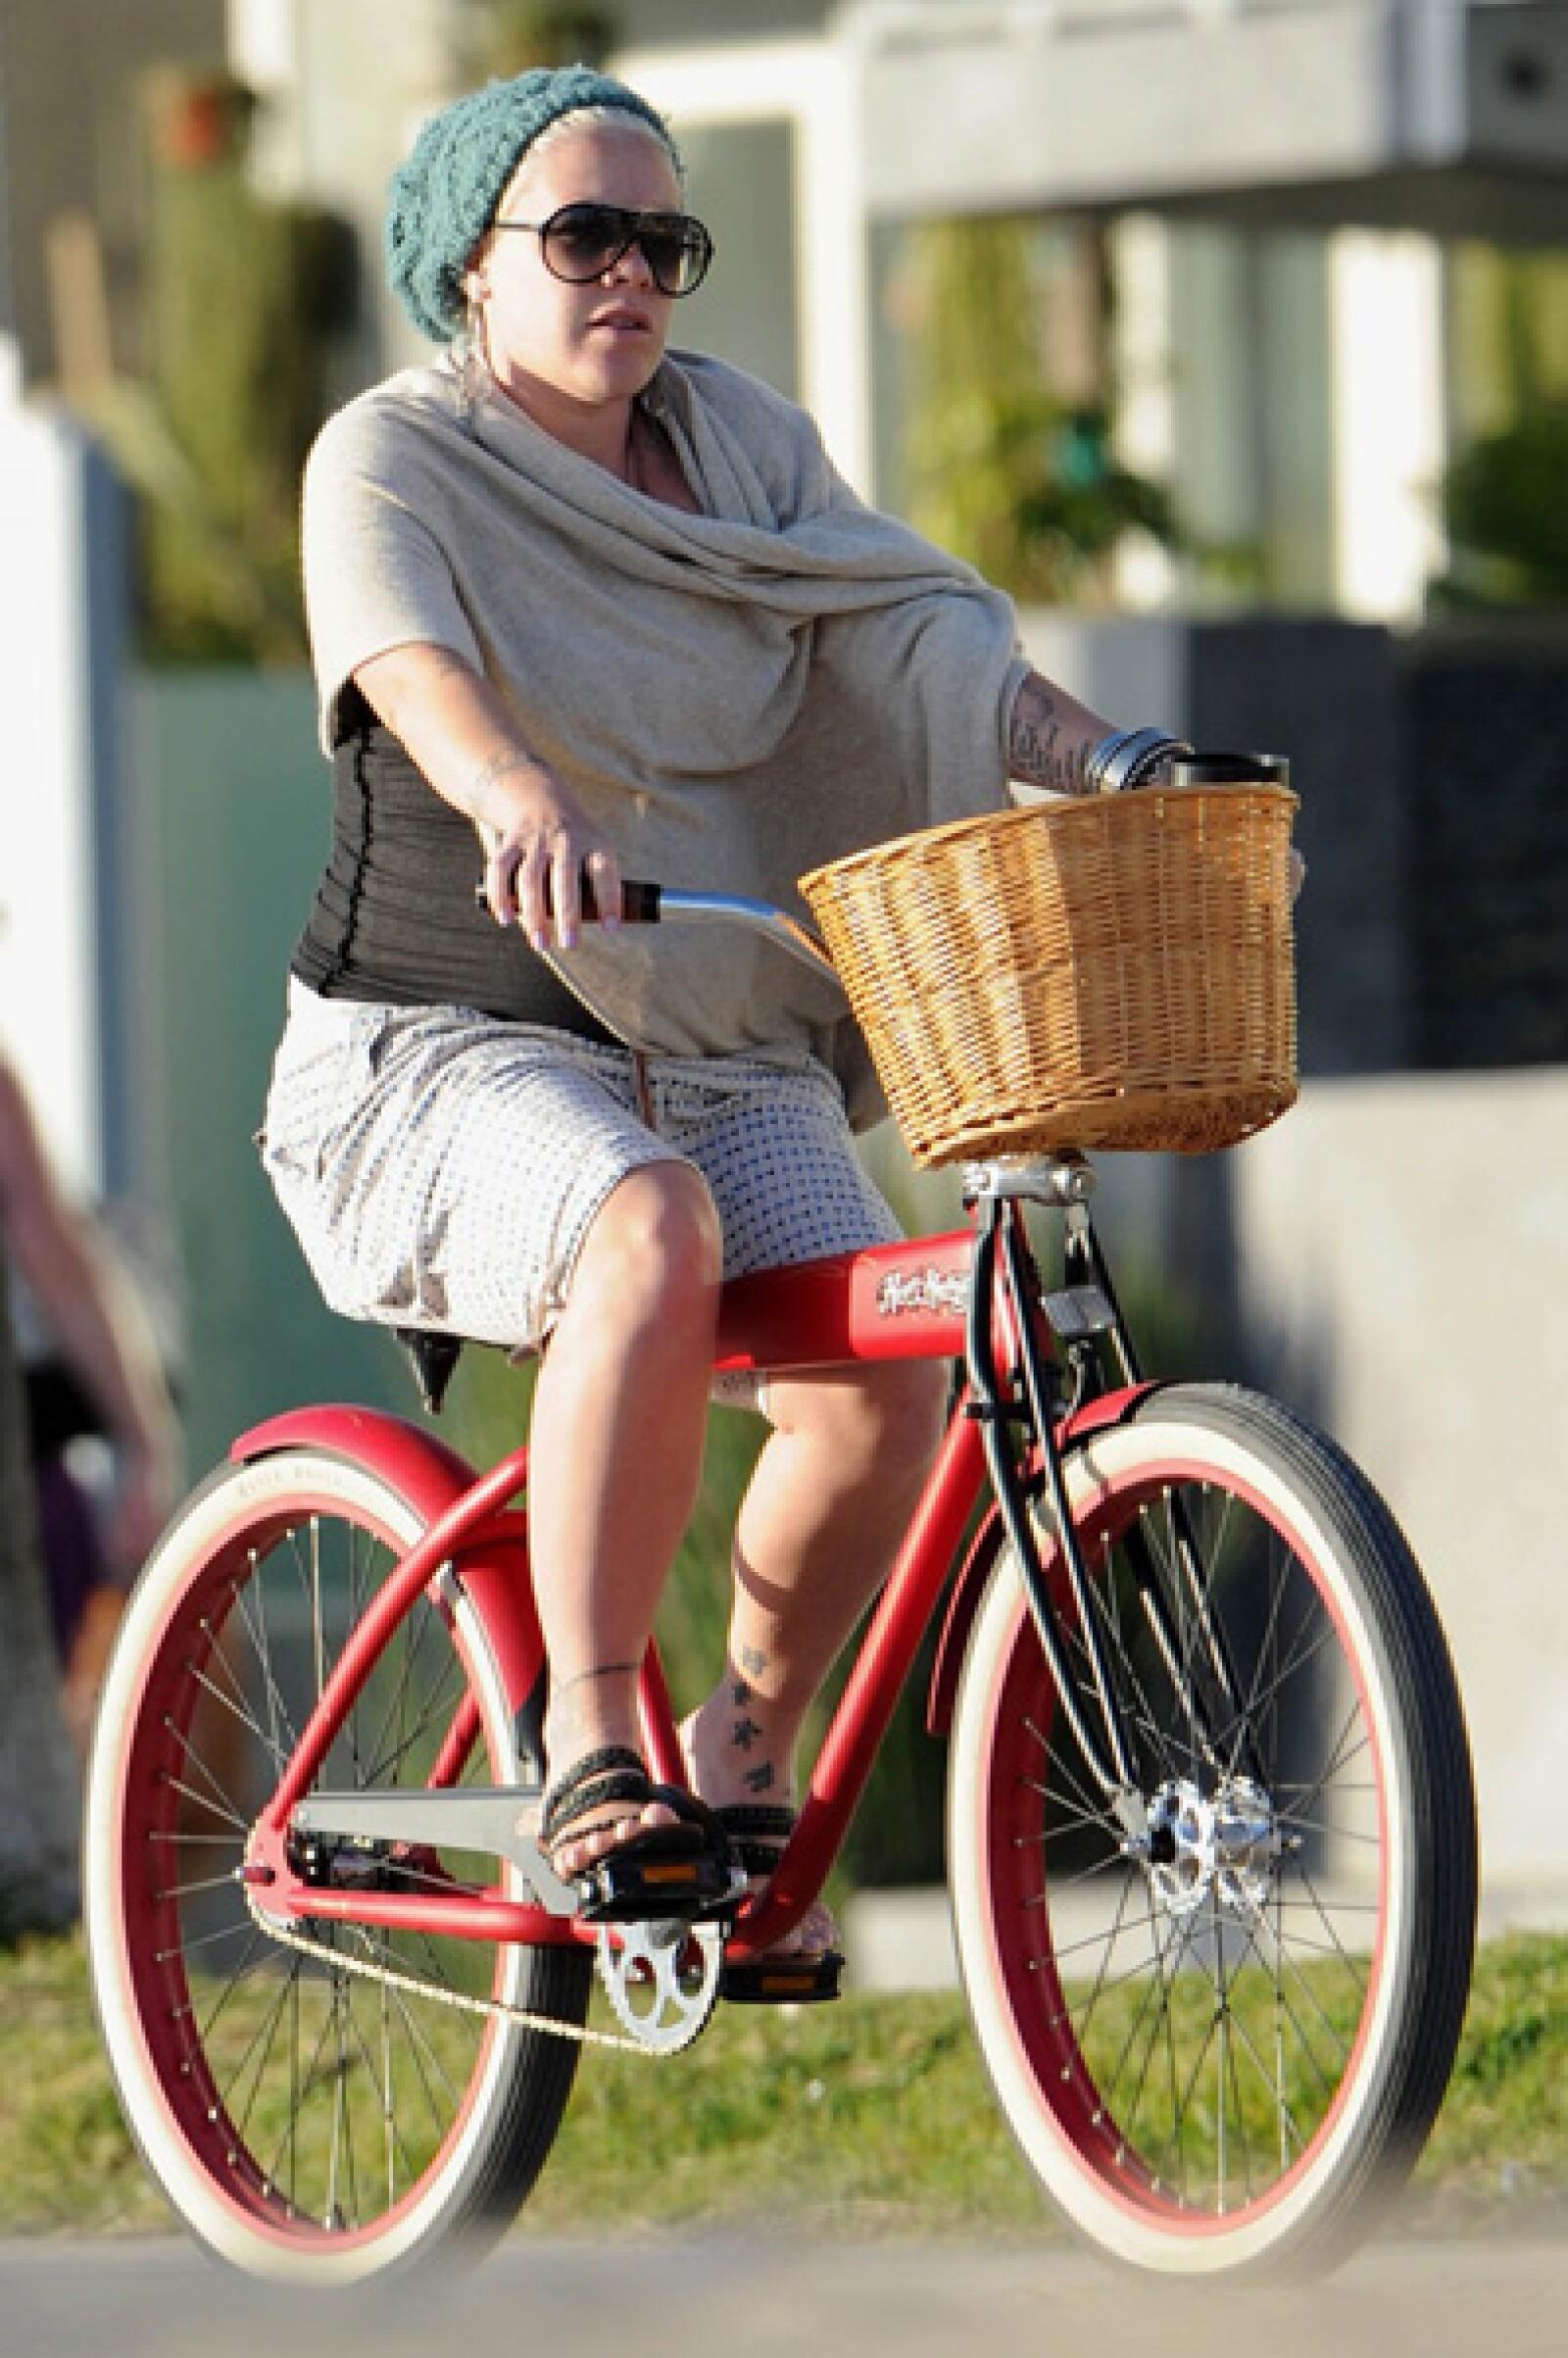 Sin importar el riesgo de caerse, Pink disfrutó de un paseo en bici a pesar de su avanzado embarazo.